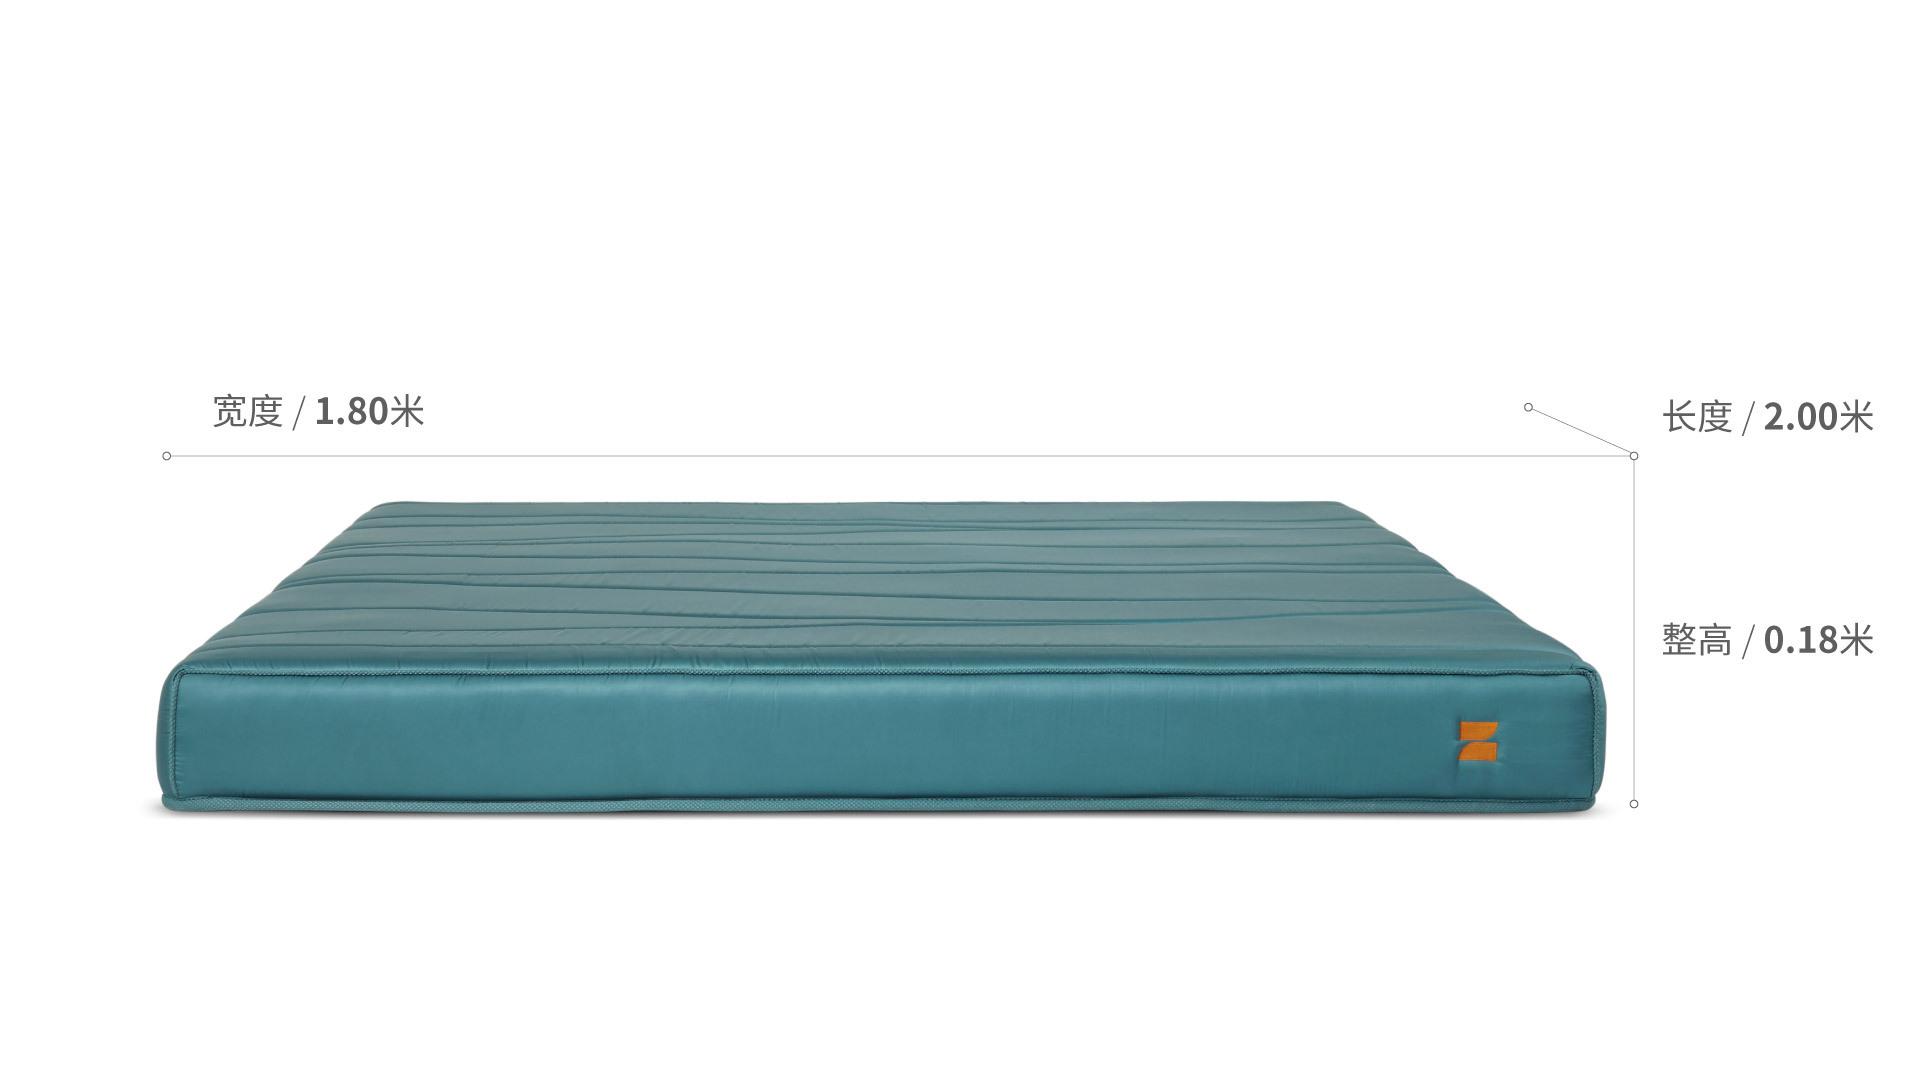 造作豌豆公主真丝床垫™1.8米款床·床具效果图